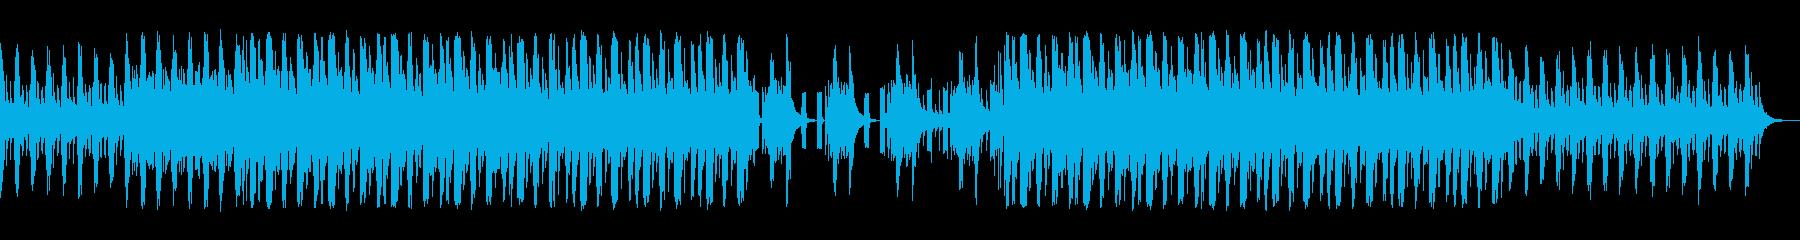 リズミカルで楽しいジャズっぽい曲の再生済みの波形